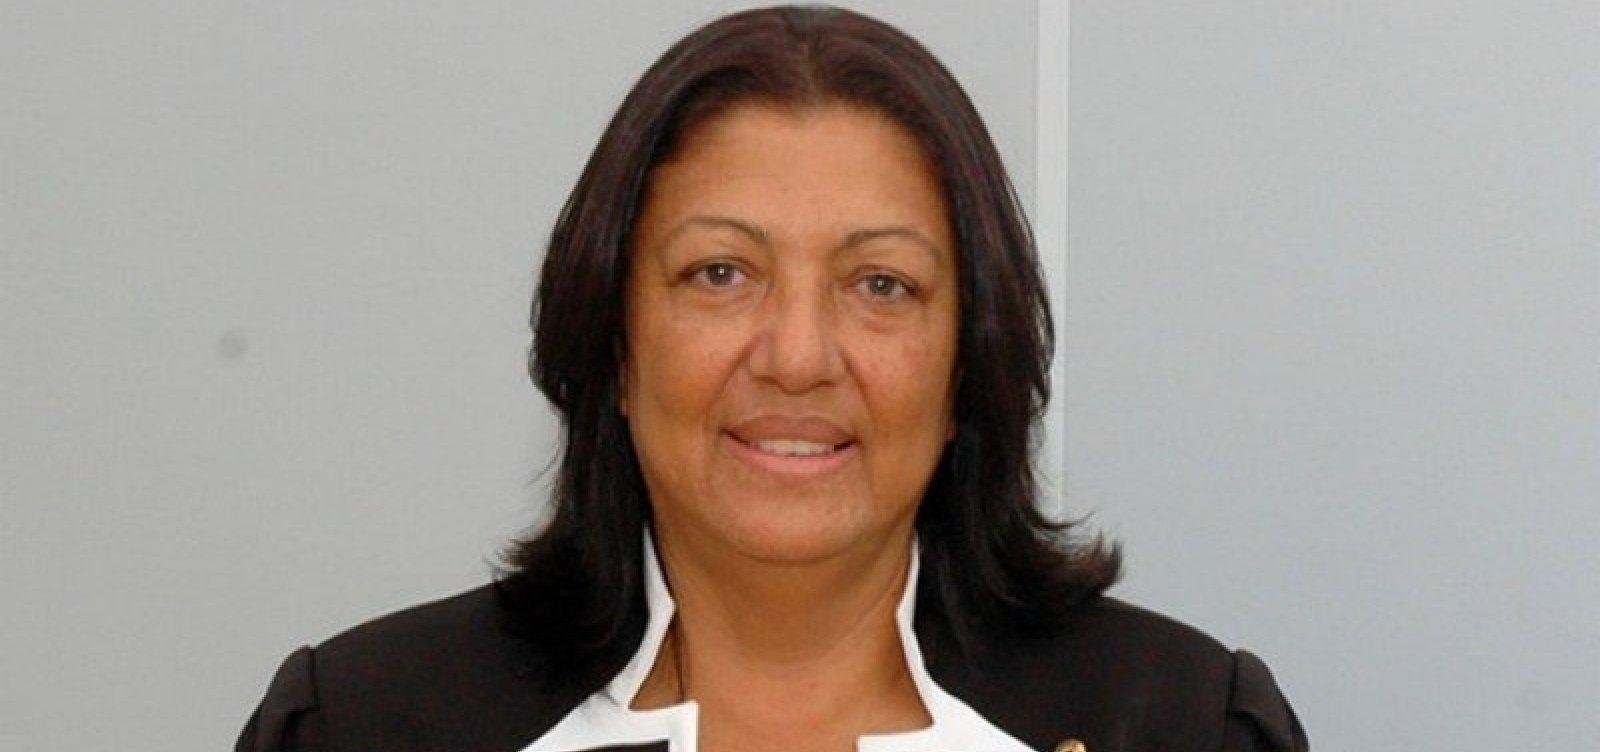 [Investigada pelo MPF, ex-deputada tem contas rejeitadas e terá de devolver R$ 55 mil]